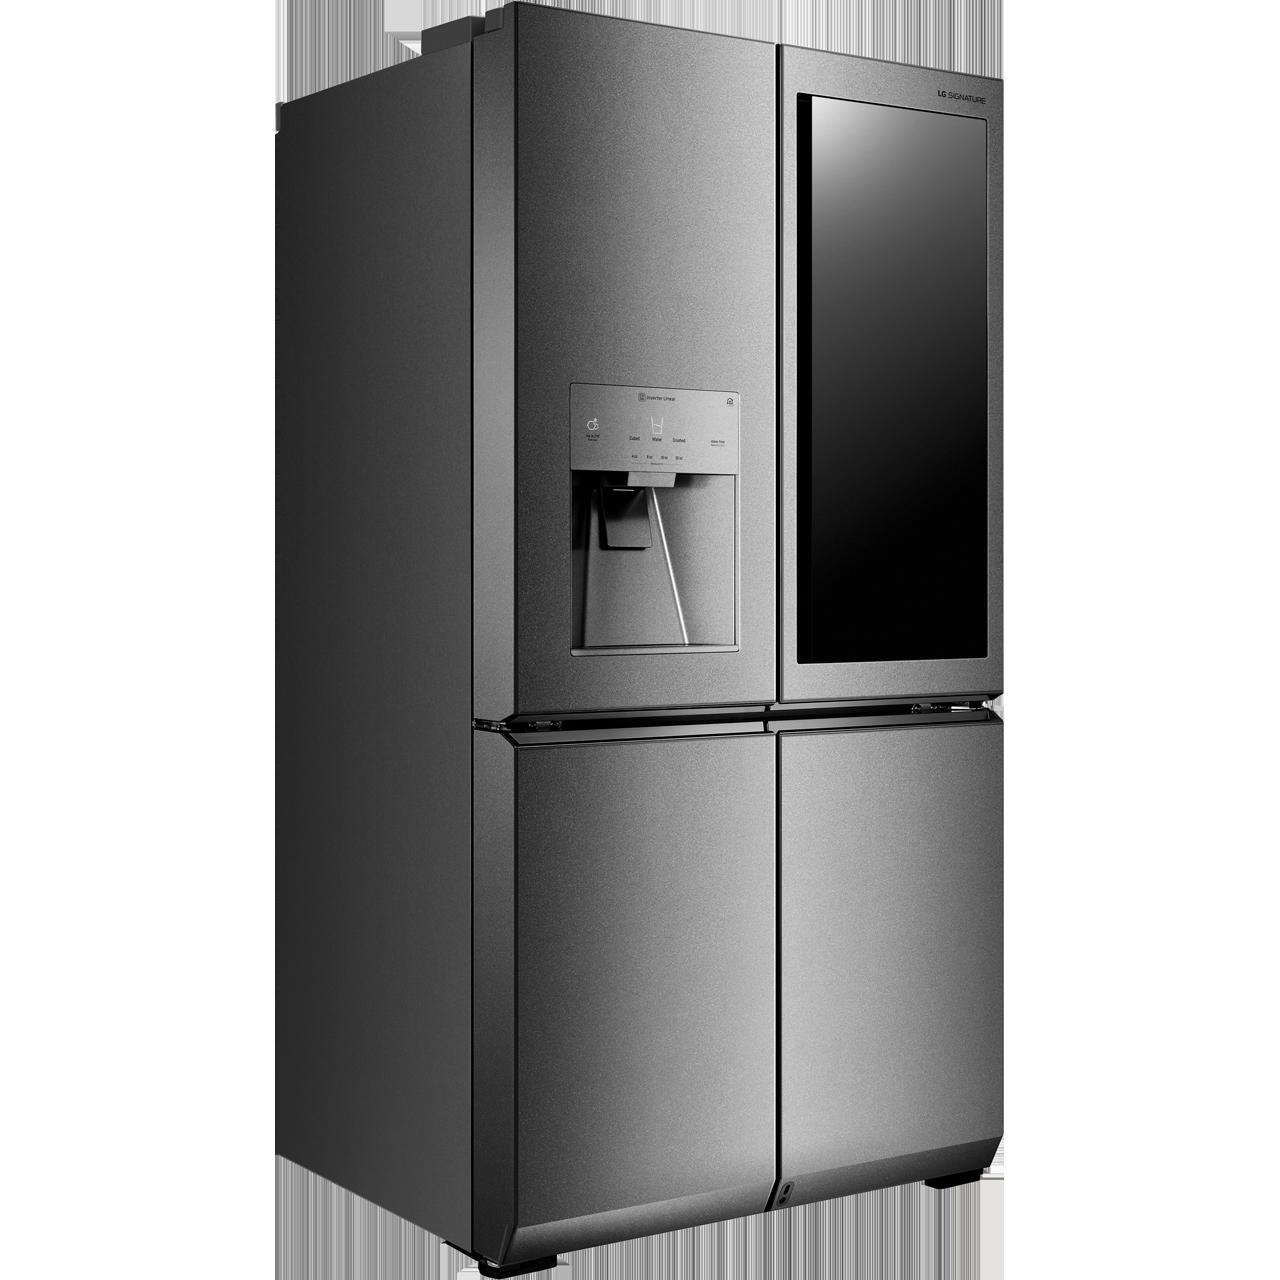 LG Signature InstaView Door-in-Door™ LSR100 Wifi Connected American Fridge  Freezer - Stainless Steel - A++ Rated